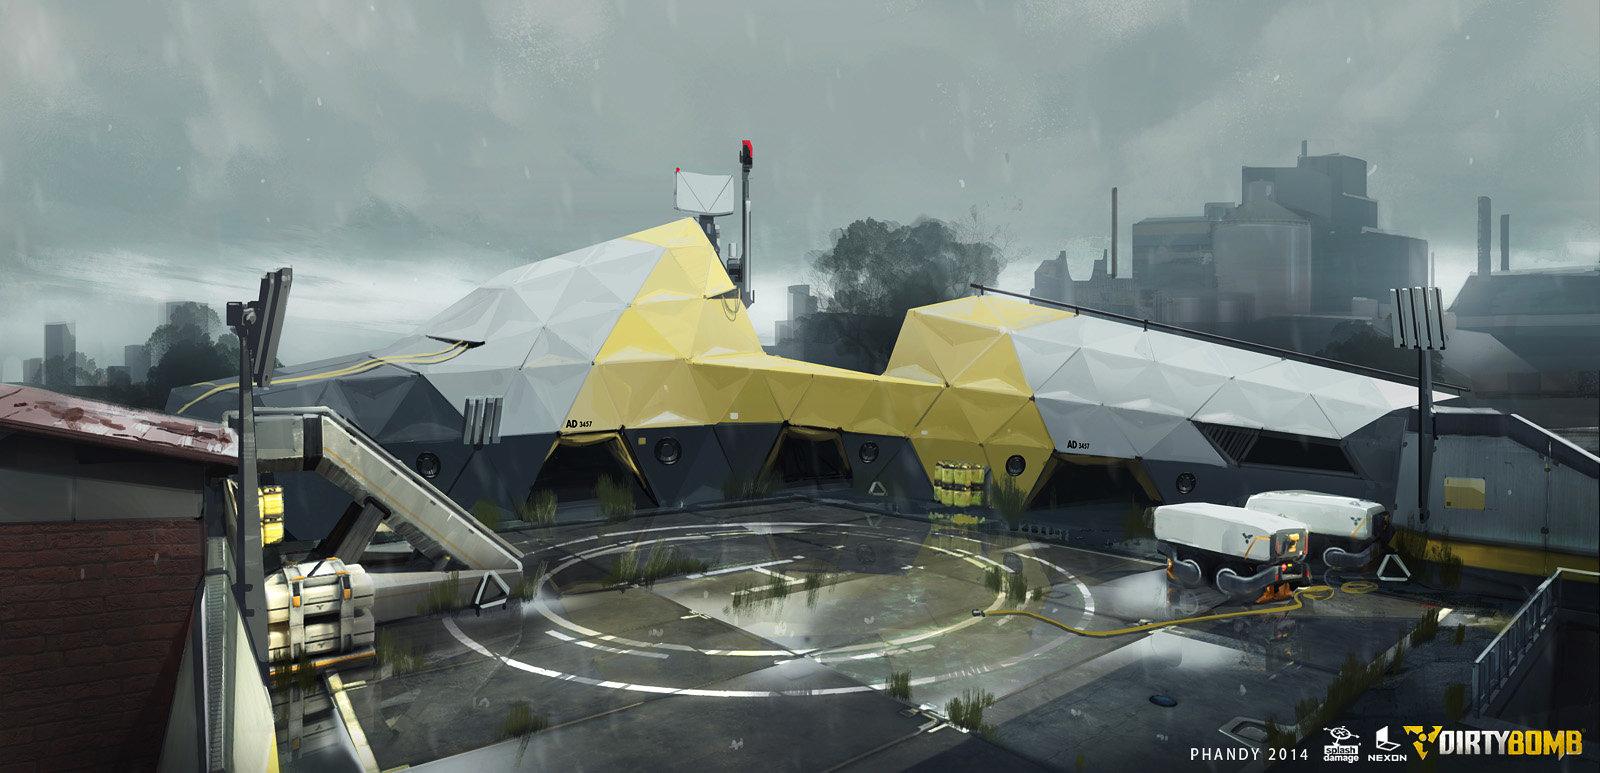 Andrew Porter - Dome